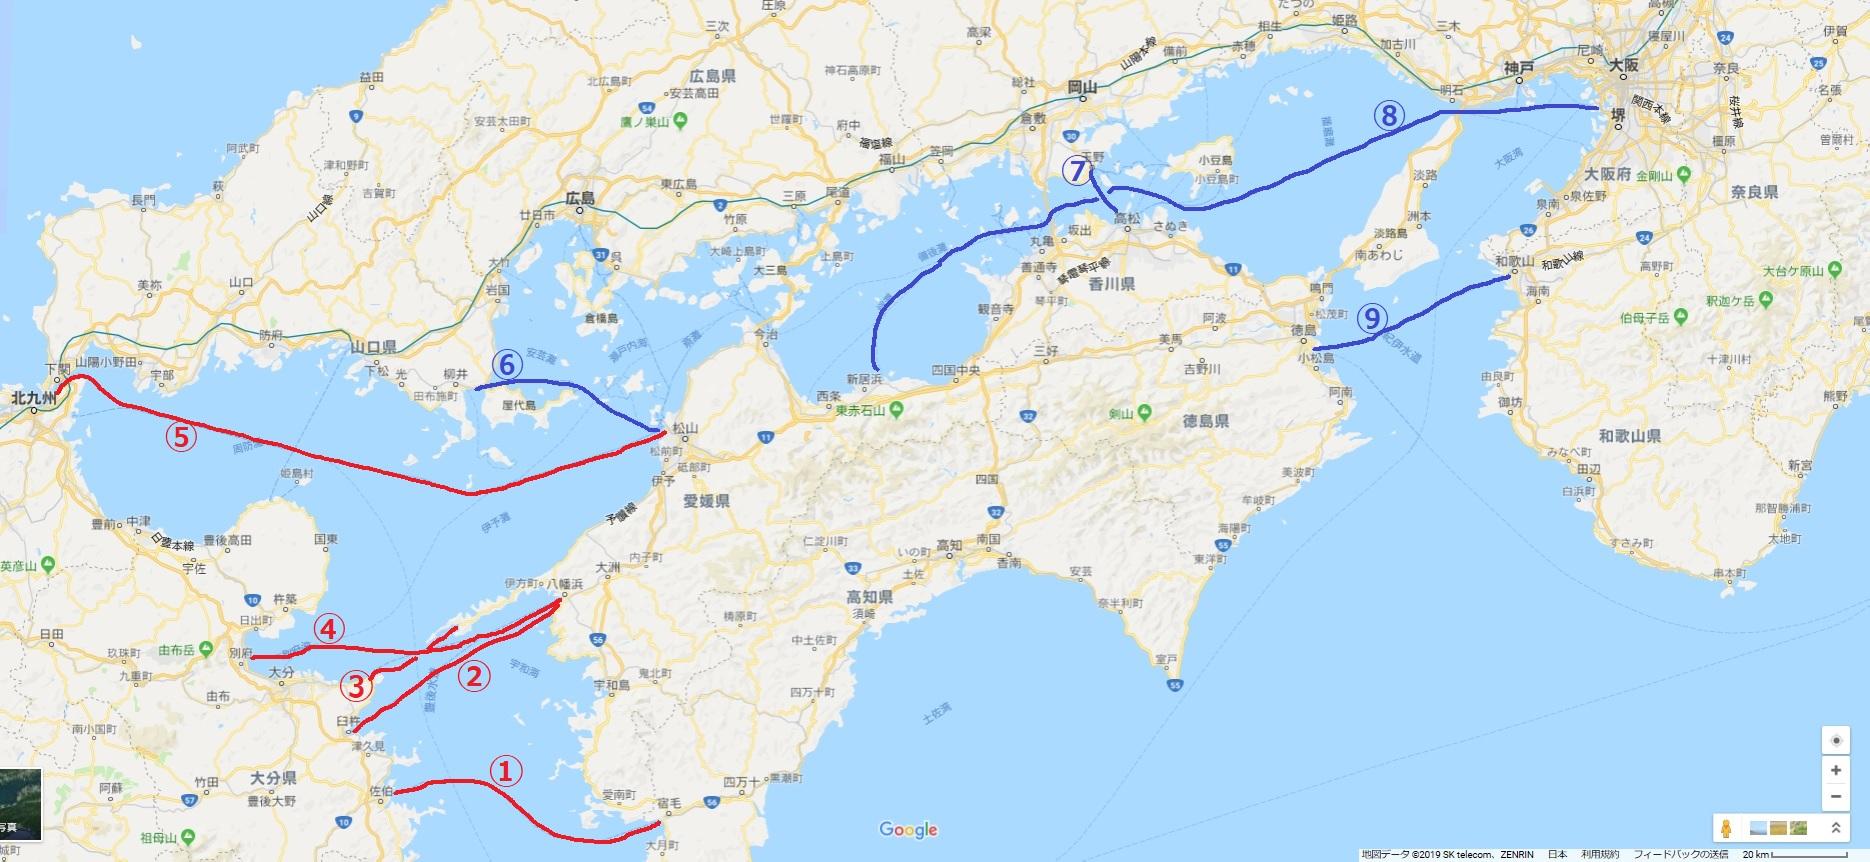 【四国に行きたい】四国に行く短中距離フェリーをまとめてみた